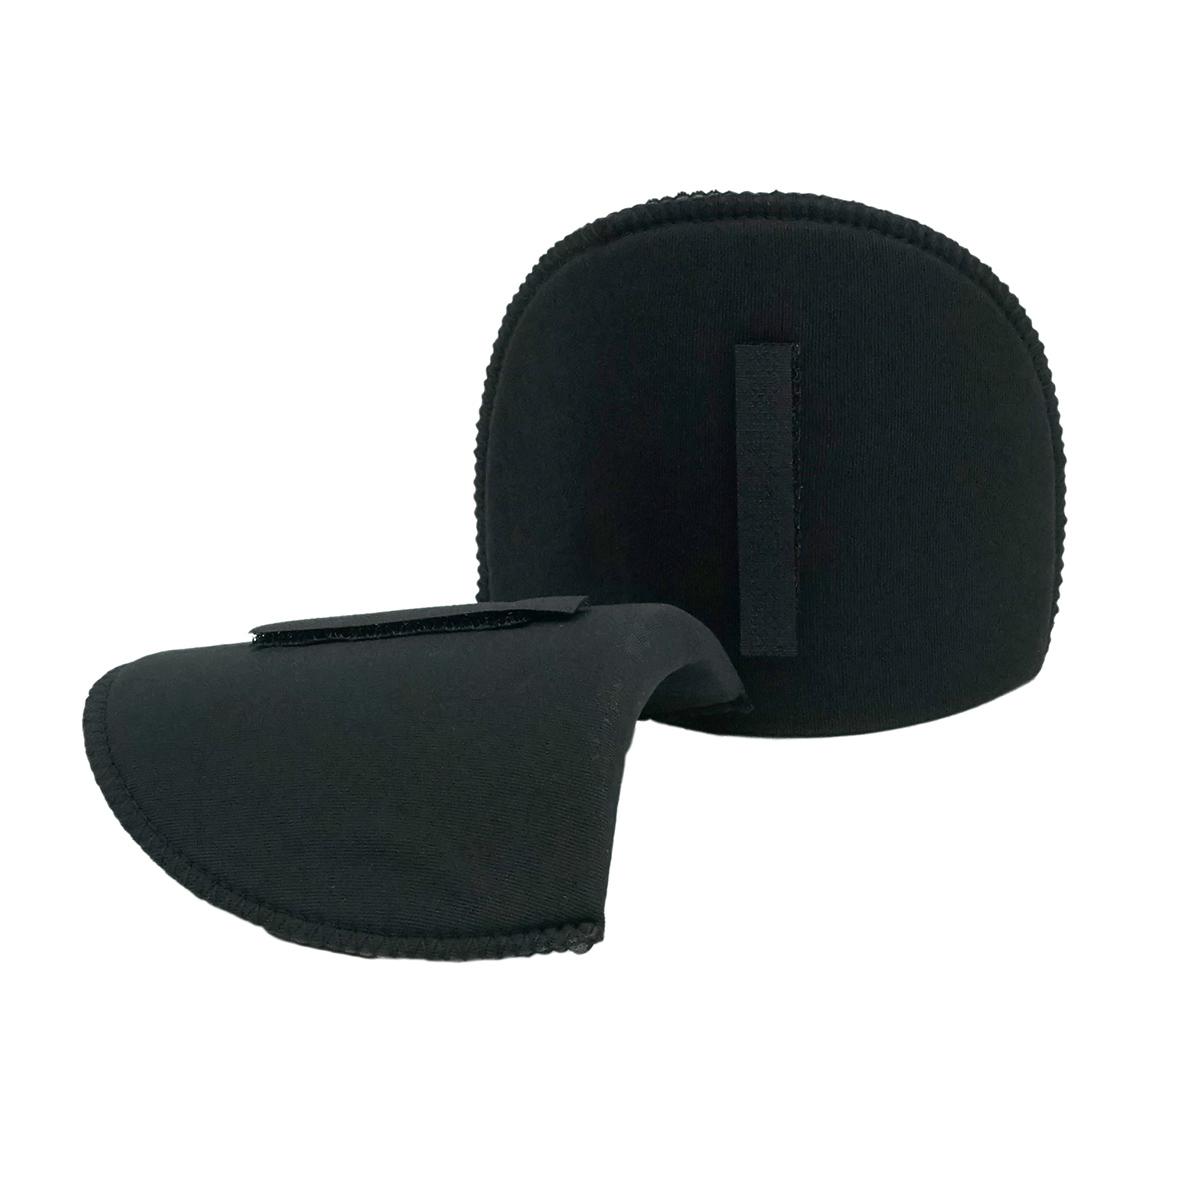 993812 Плечевые накладки с липучкой (S), полумесяц, черный, 125*100*12 мм, упак./ 5 пар, Prym